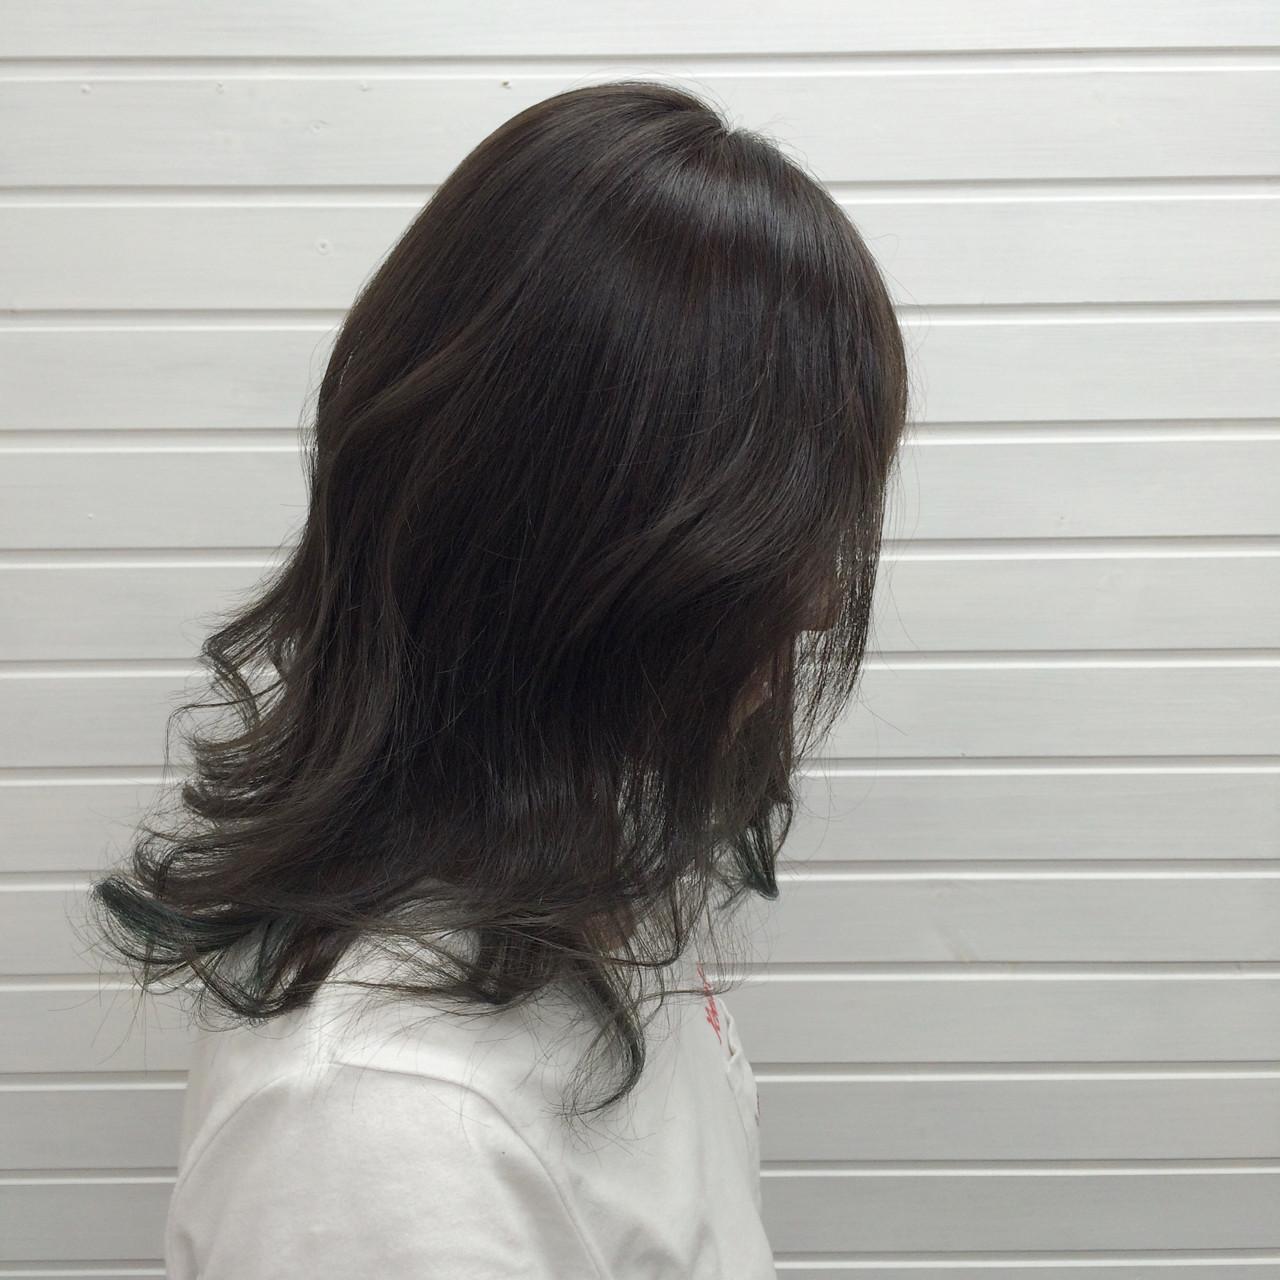 暗髪 グレージュ ヘアアレンジ 色気 ヘアスタイルや髪型の写真・画像 | universe / hairspaceuniverse